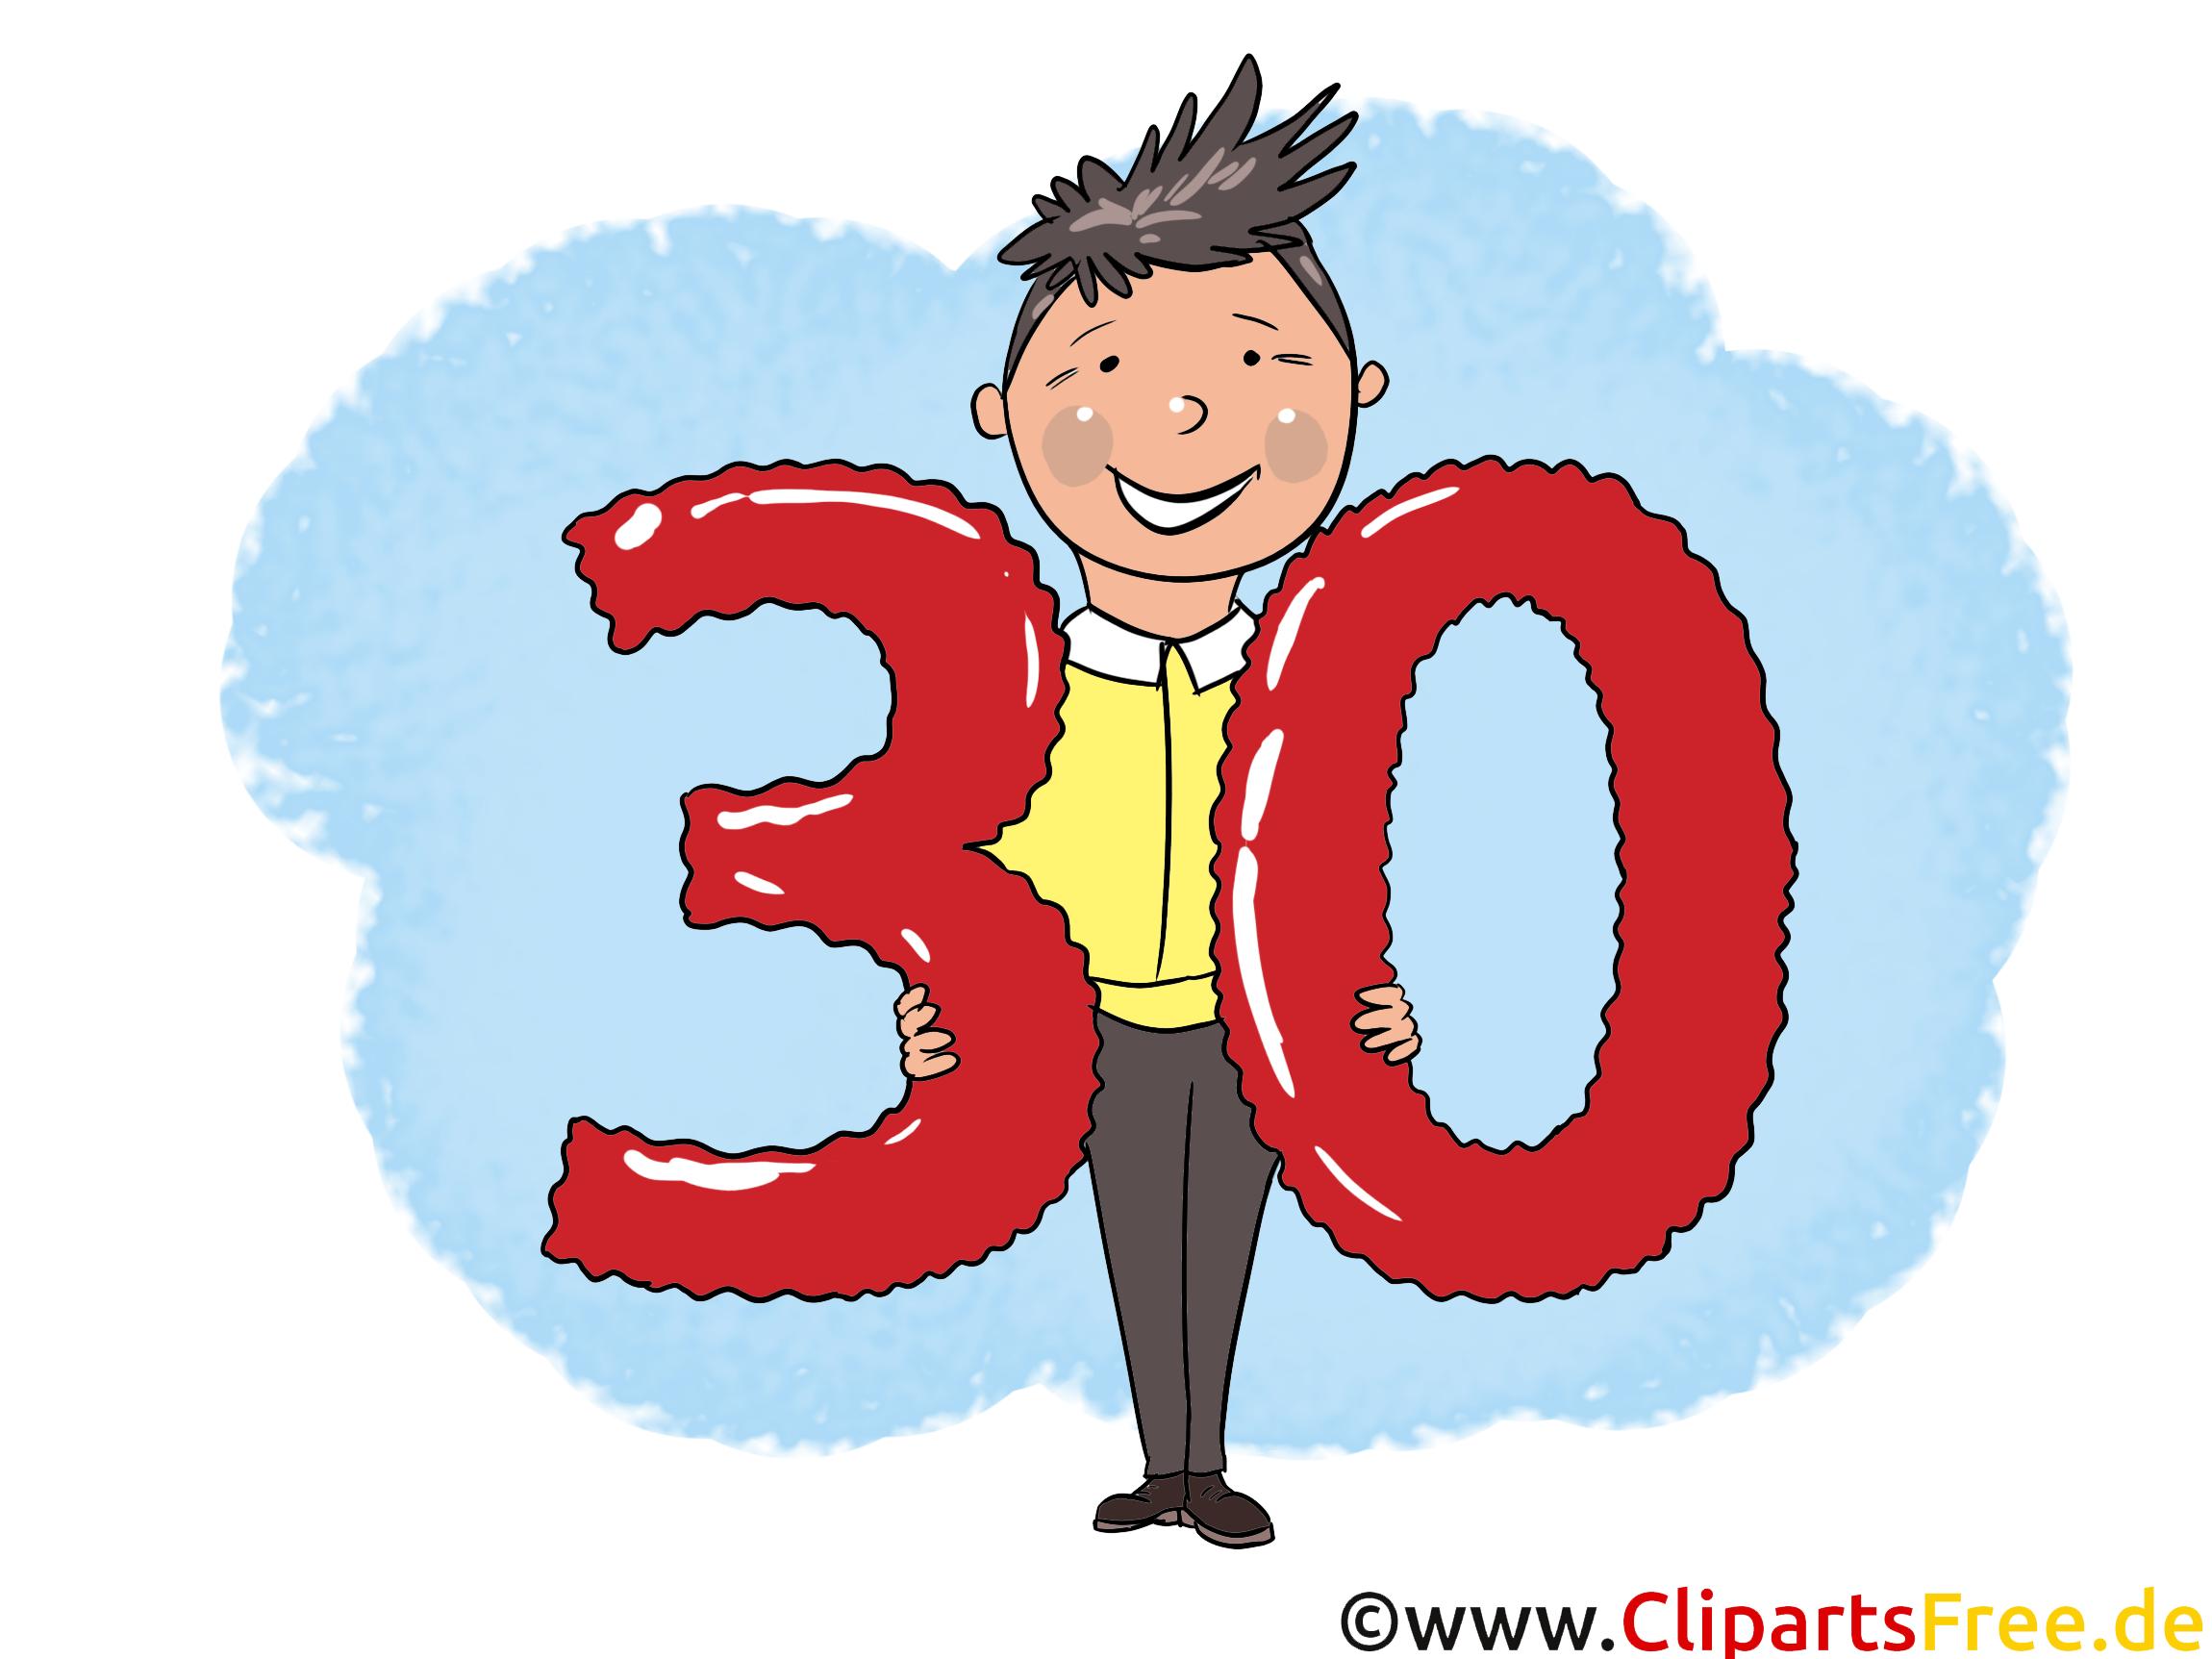 clipart gratuit anniversaire 30 ans - photo #25